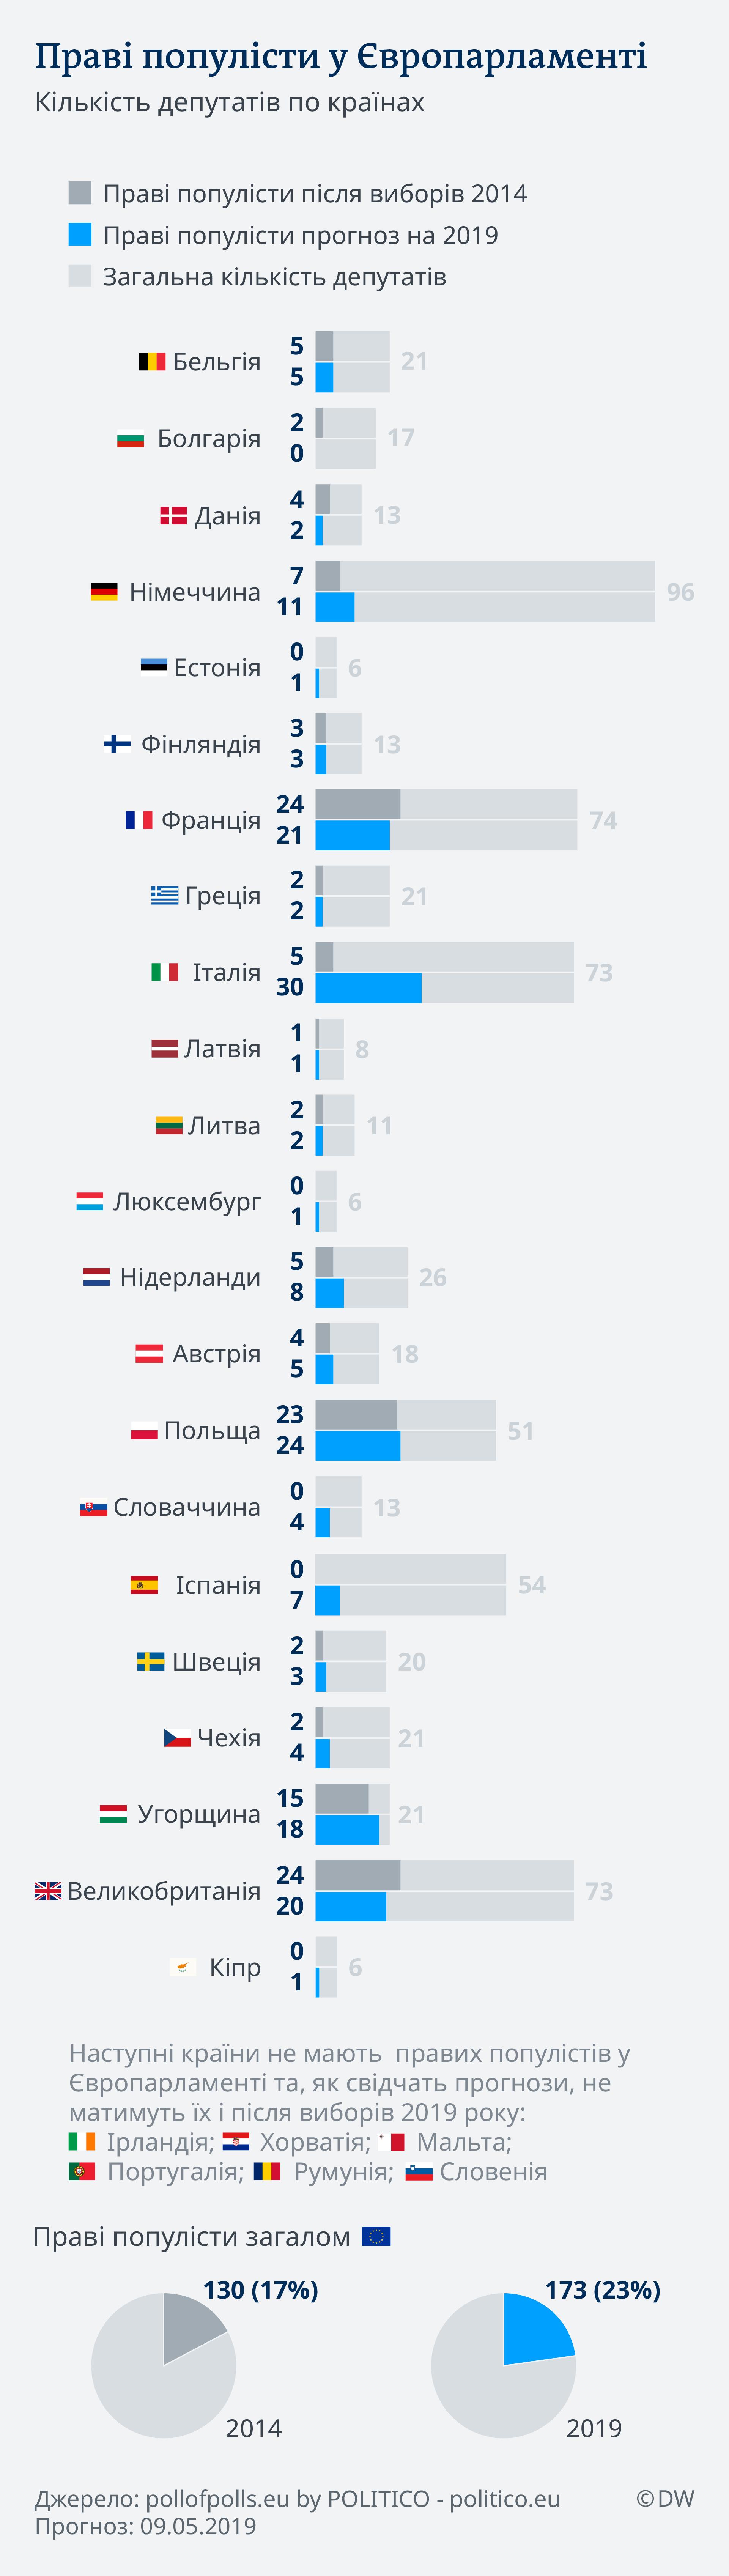 Праві популісти у Європарламенті (графік)